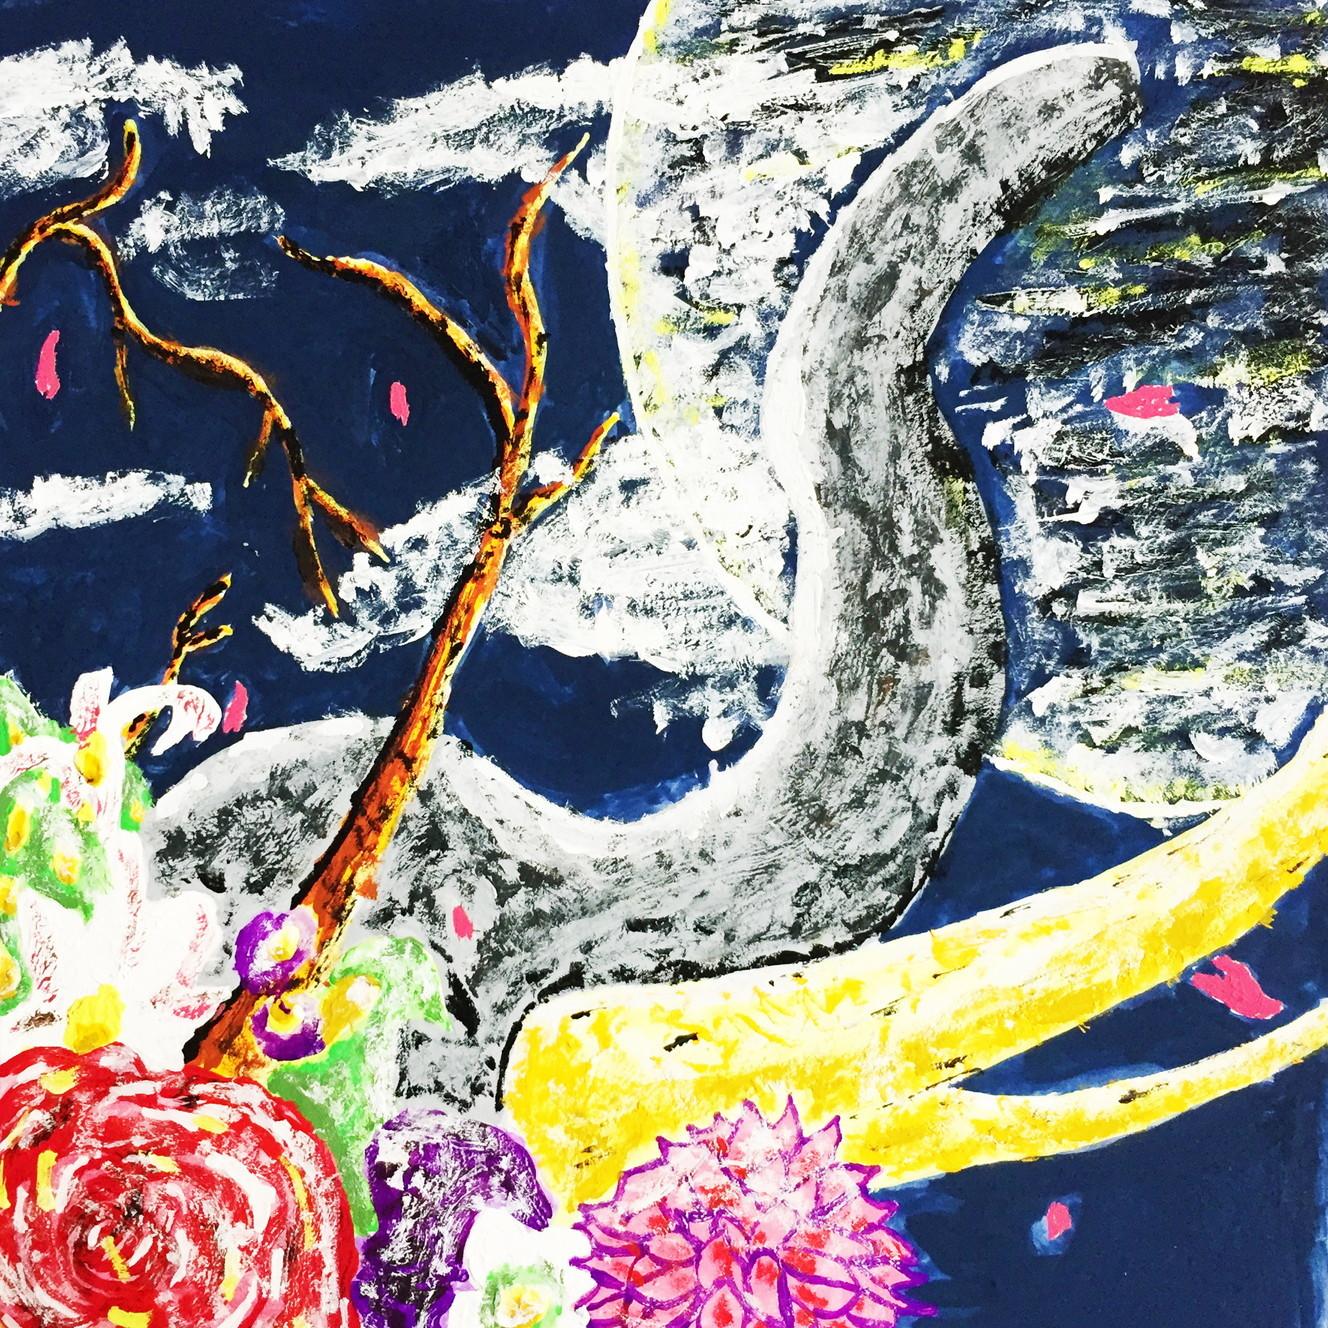 絵画 インテリア アートパネル 雑貨 壁掛け 置物 おしゃれ アクリル画 イラスト ゾウ 動物 ロココロ 画家 : yuki 作品 : 満月